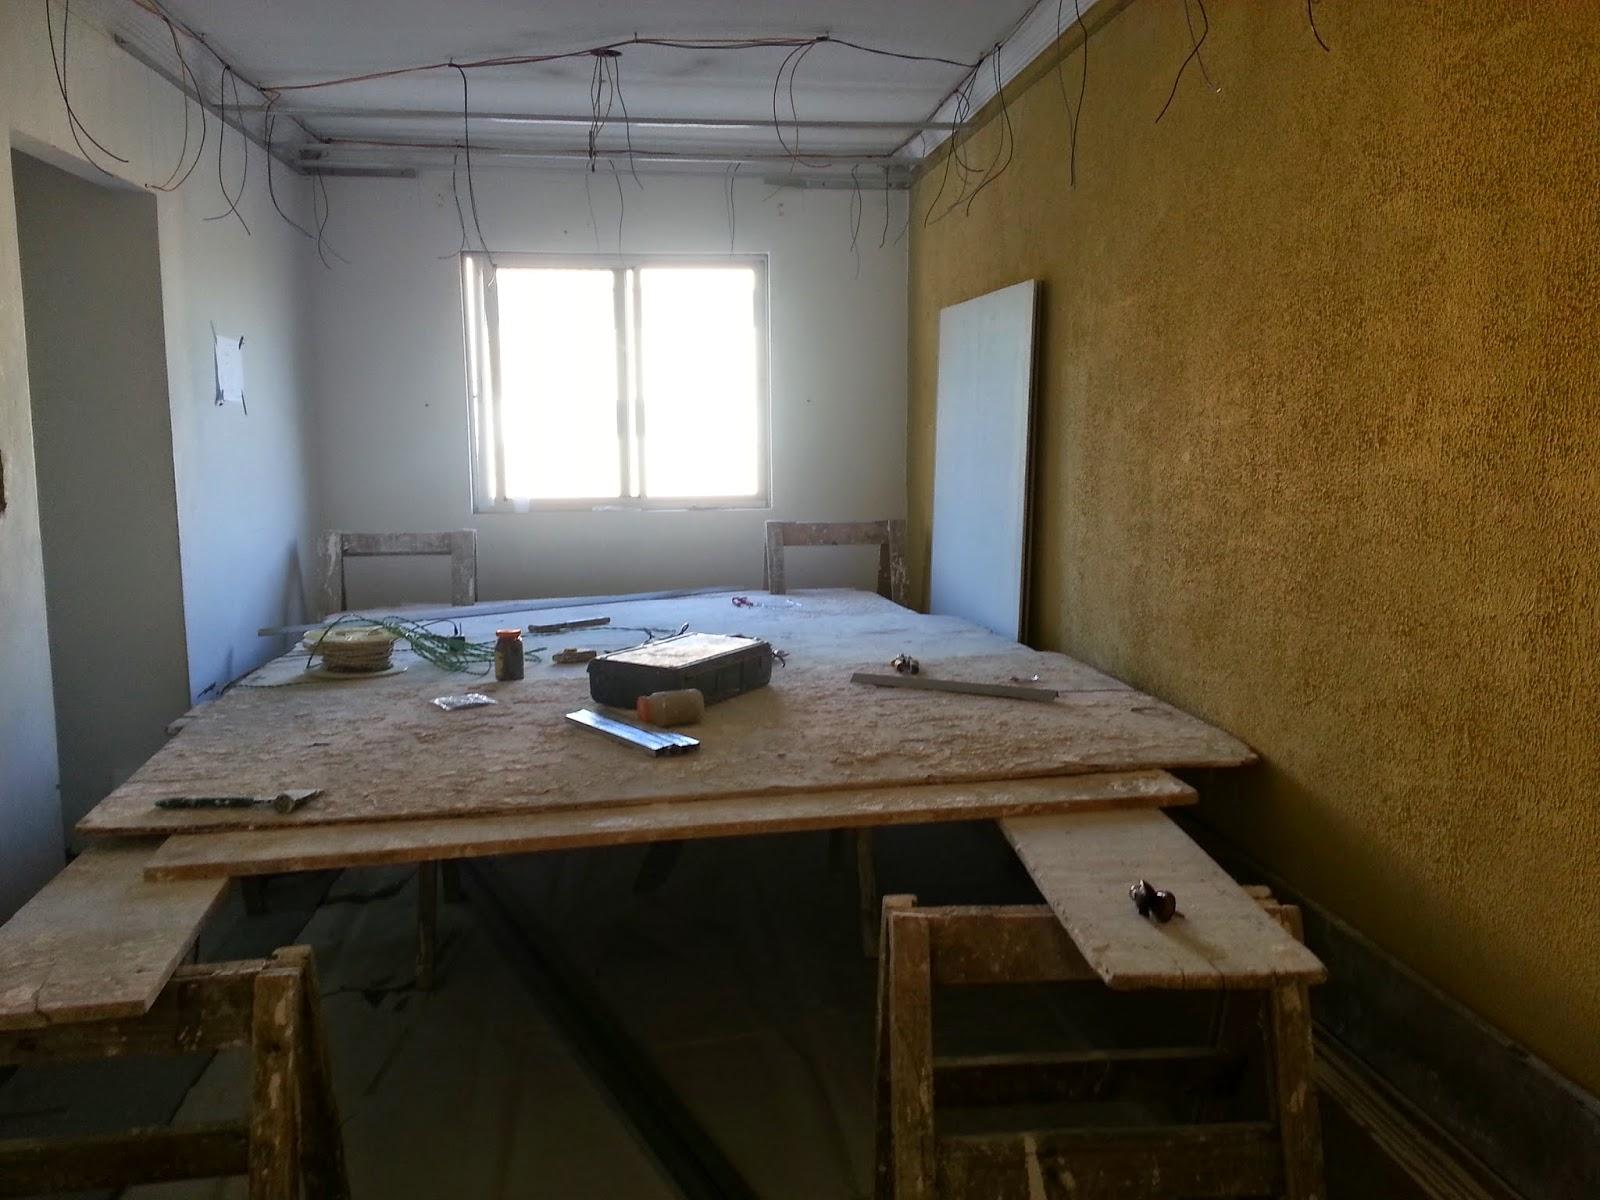 sanca fechada * rebaixo do teto * roda teto passo a passo Meu  #66491A 1600 1200